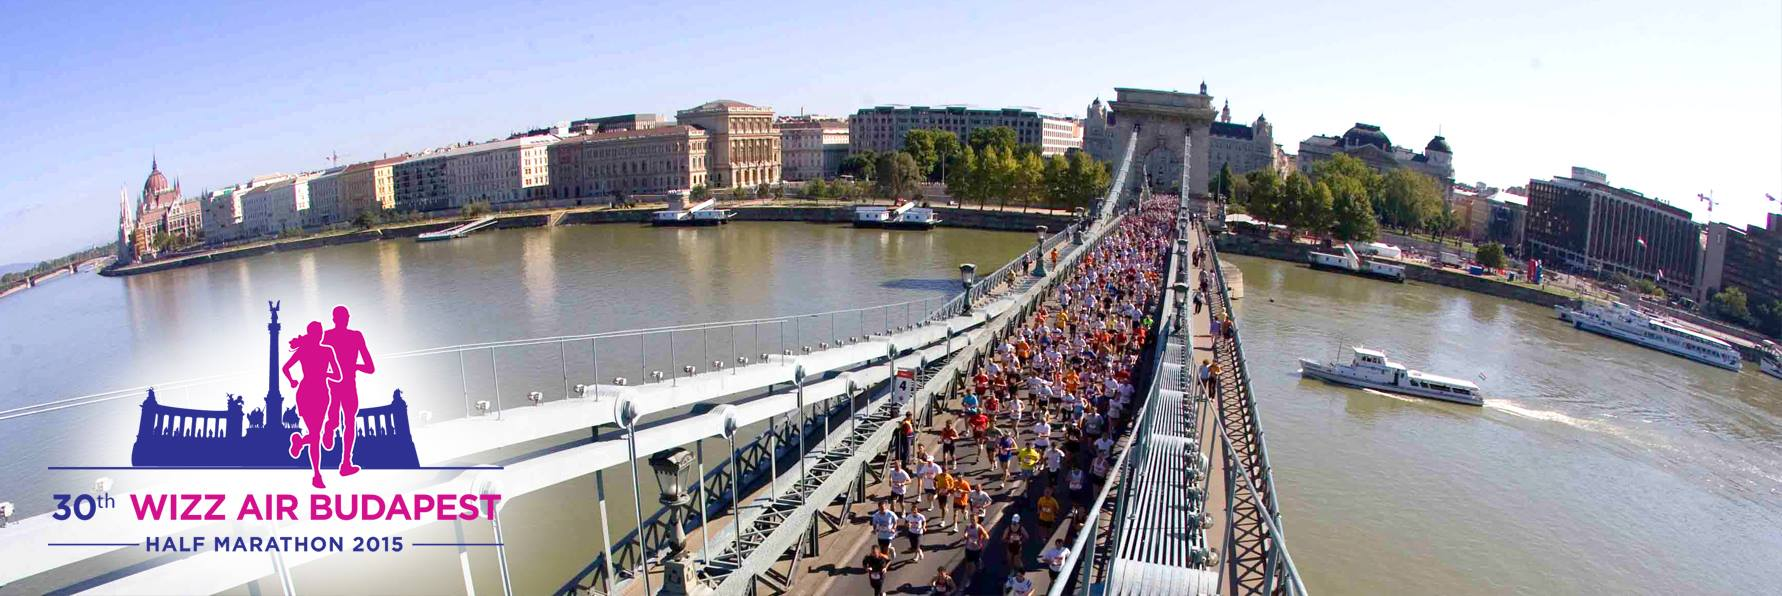 Budimpešta polumaraton – izveštaj iz prelepe evropske prestonice